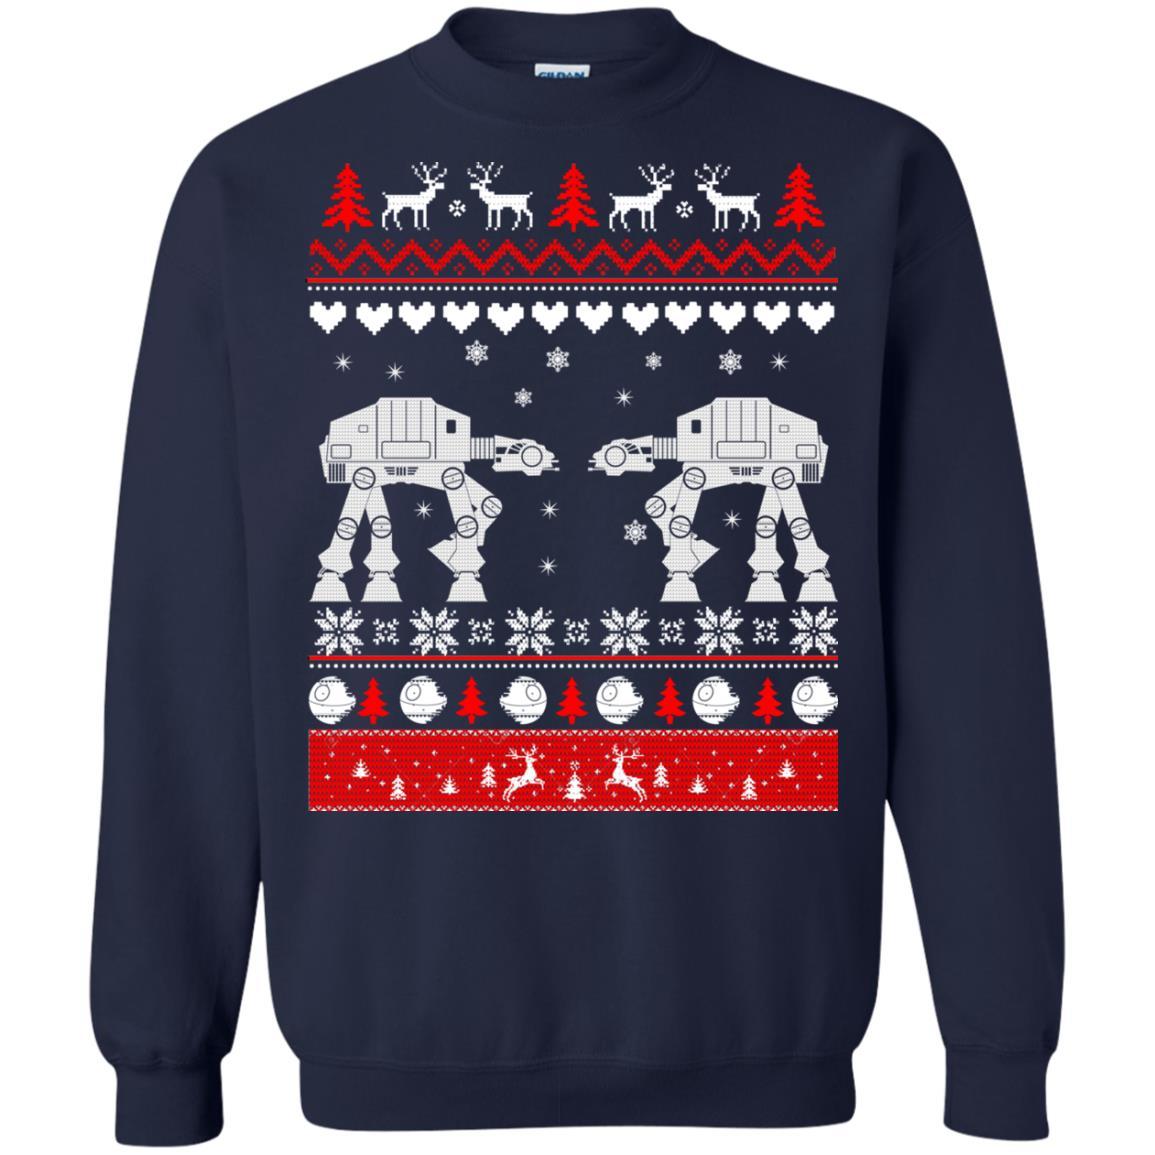 image 1741 - Star Wars AT AT Walker Christmas Sweatshirt, Hoodie